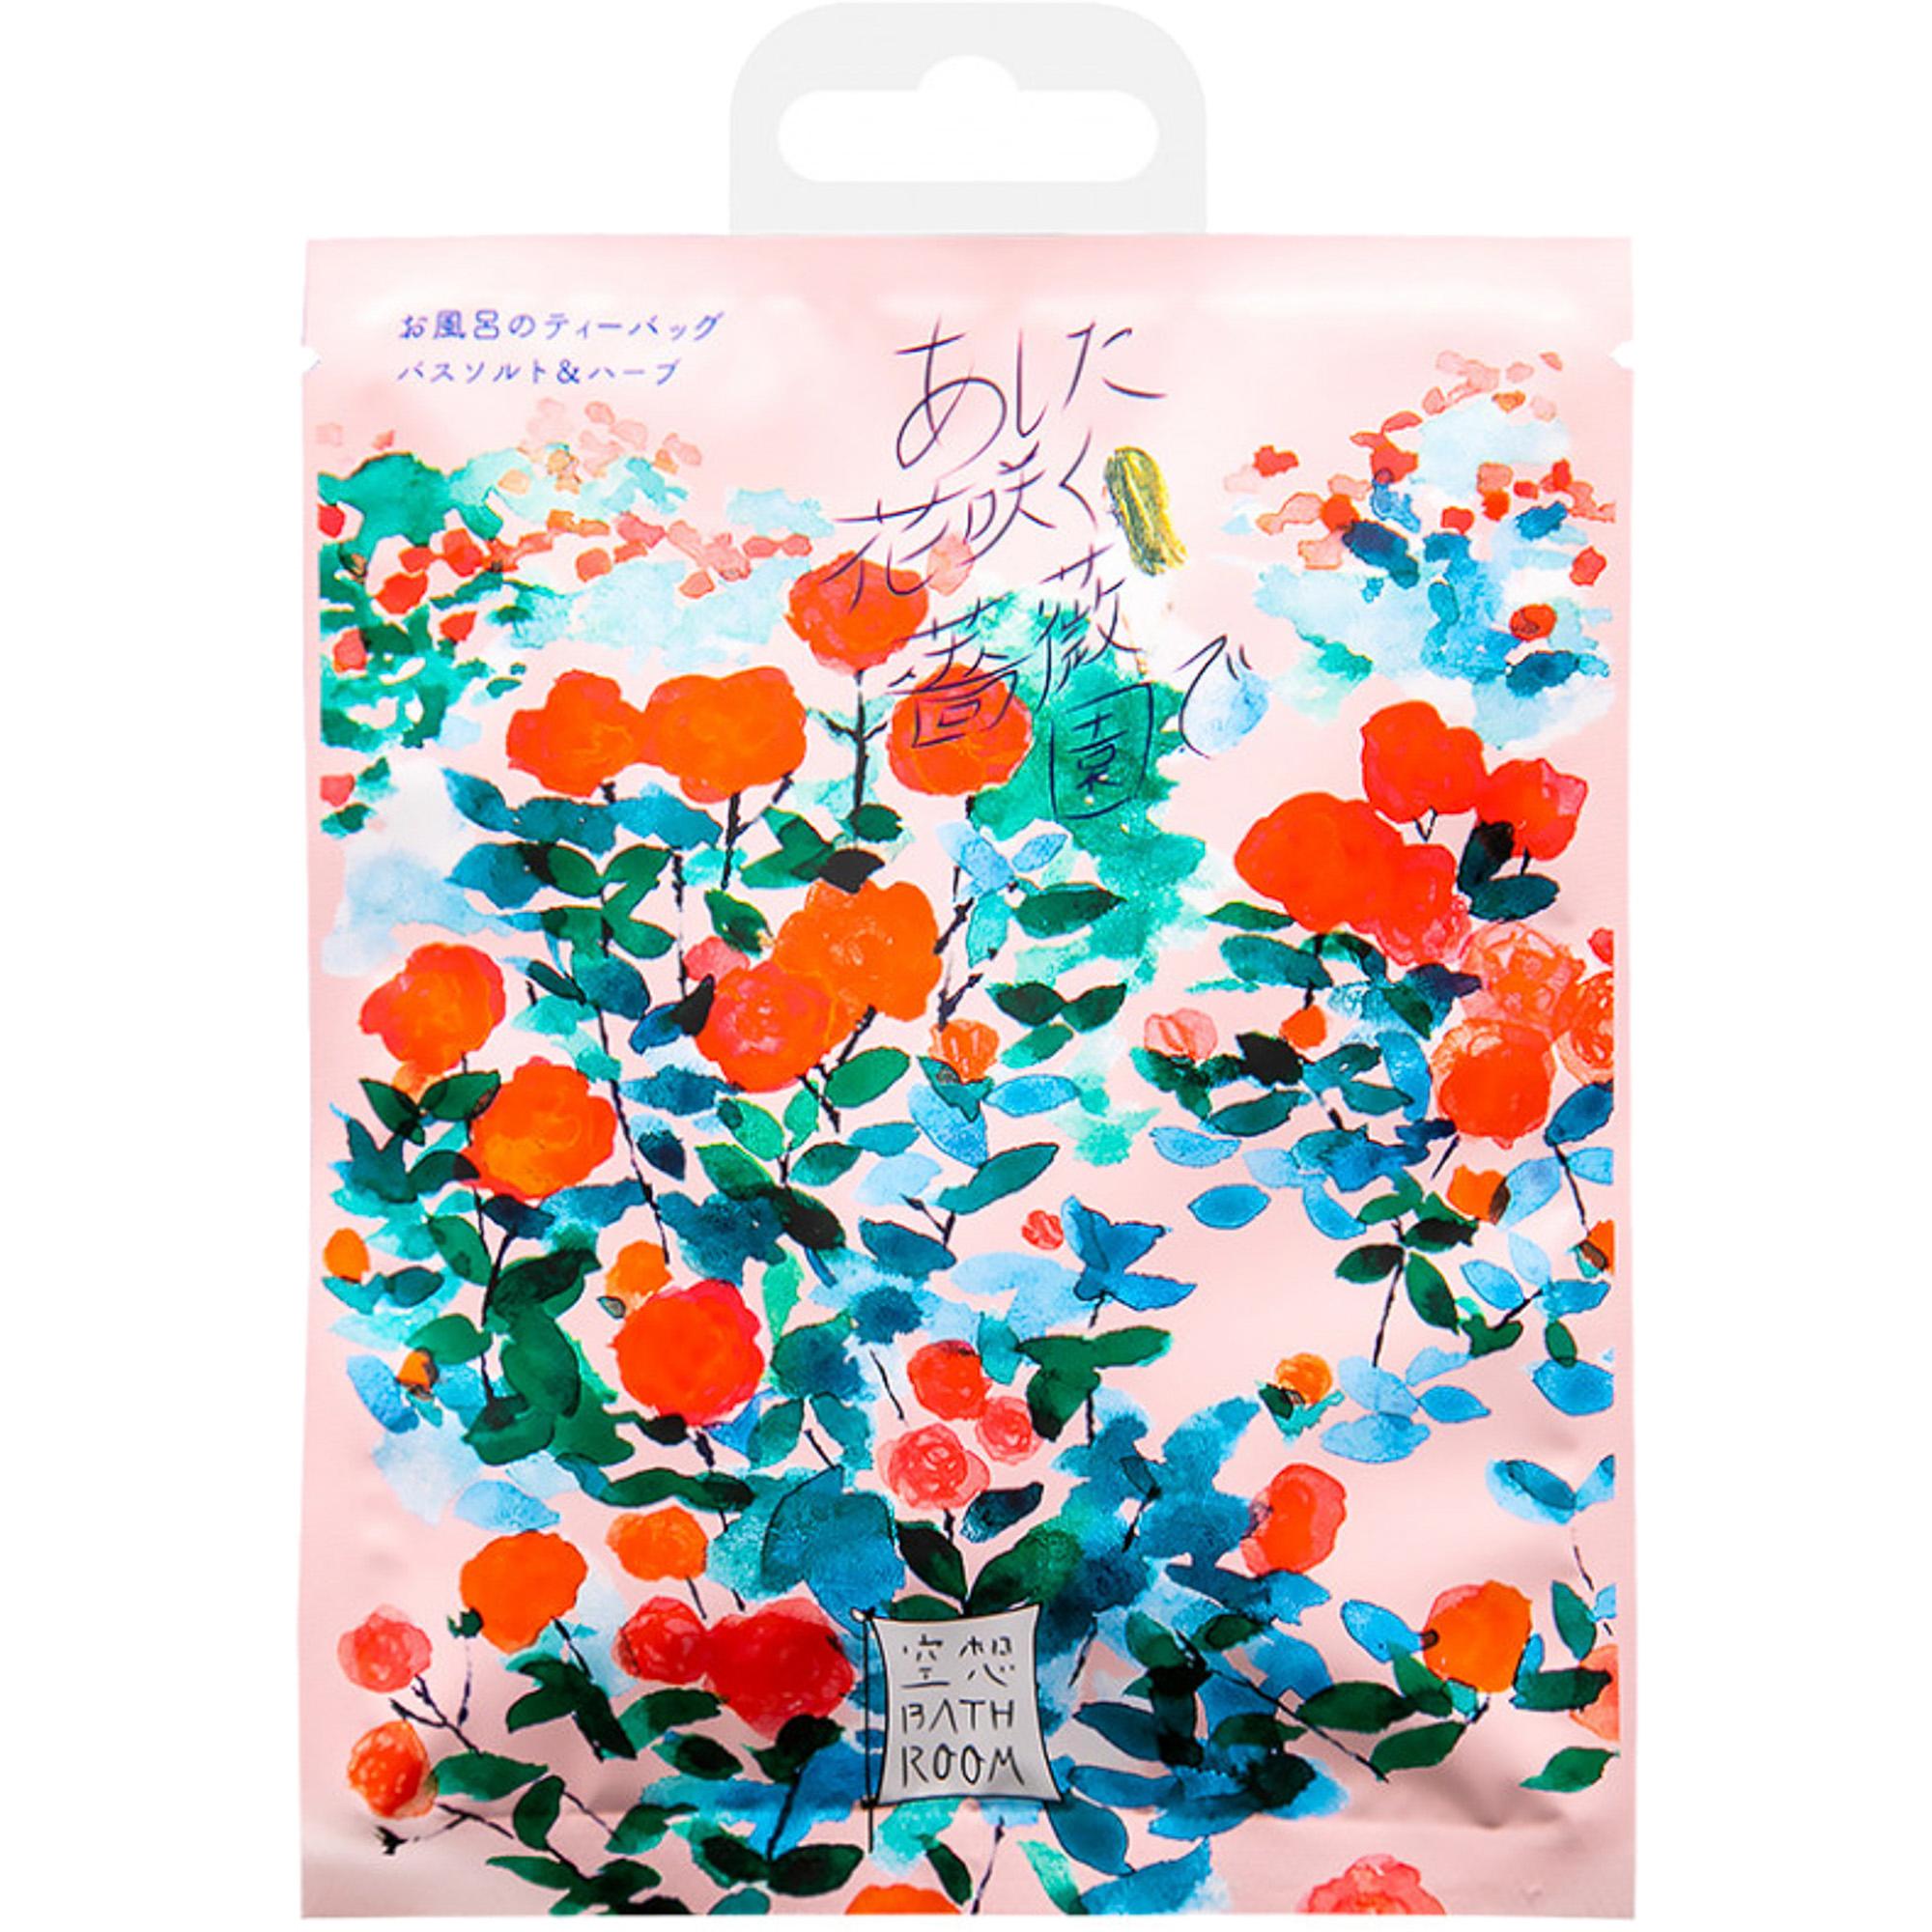 Соль-саше для ванн Charley Bathroom Сад цветущих роз с ароматом розы 30 г.